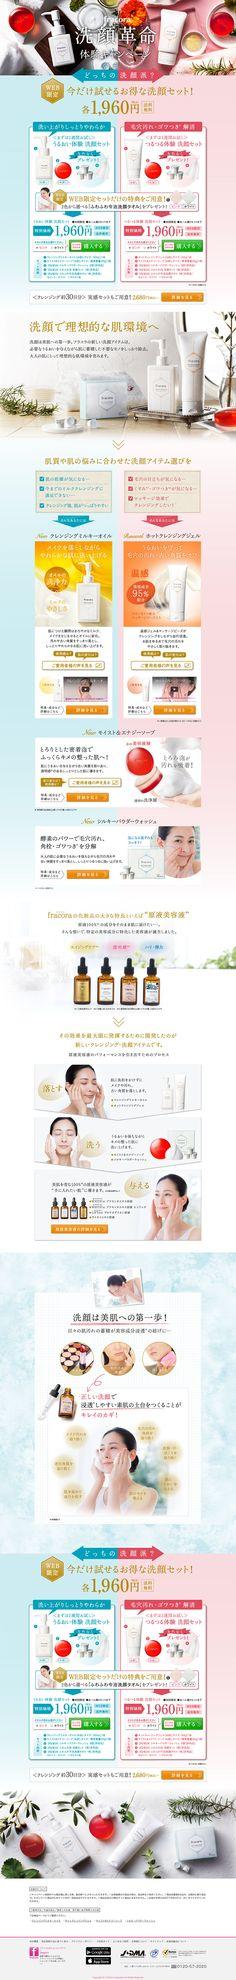 洗顔革命体験キャンペーン|WEBデザイナーさん必見!ランディングページのデザイン参考に(キレイ系)